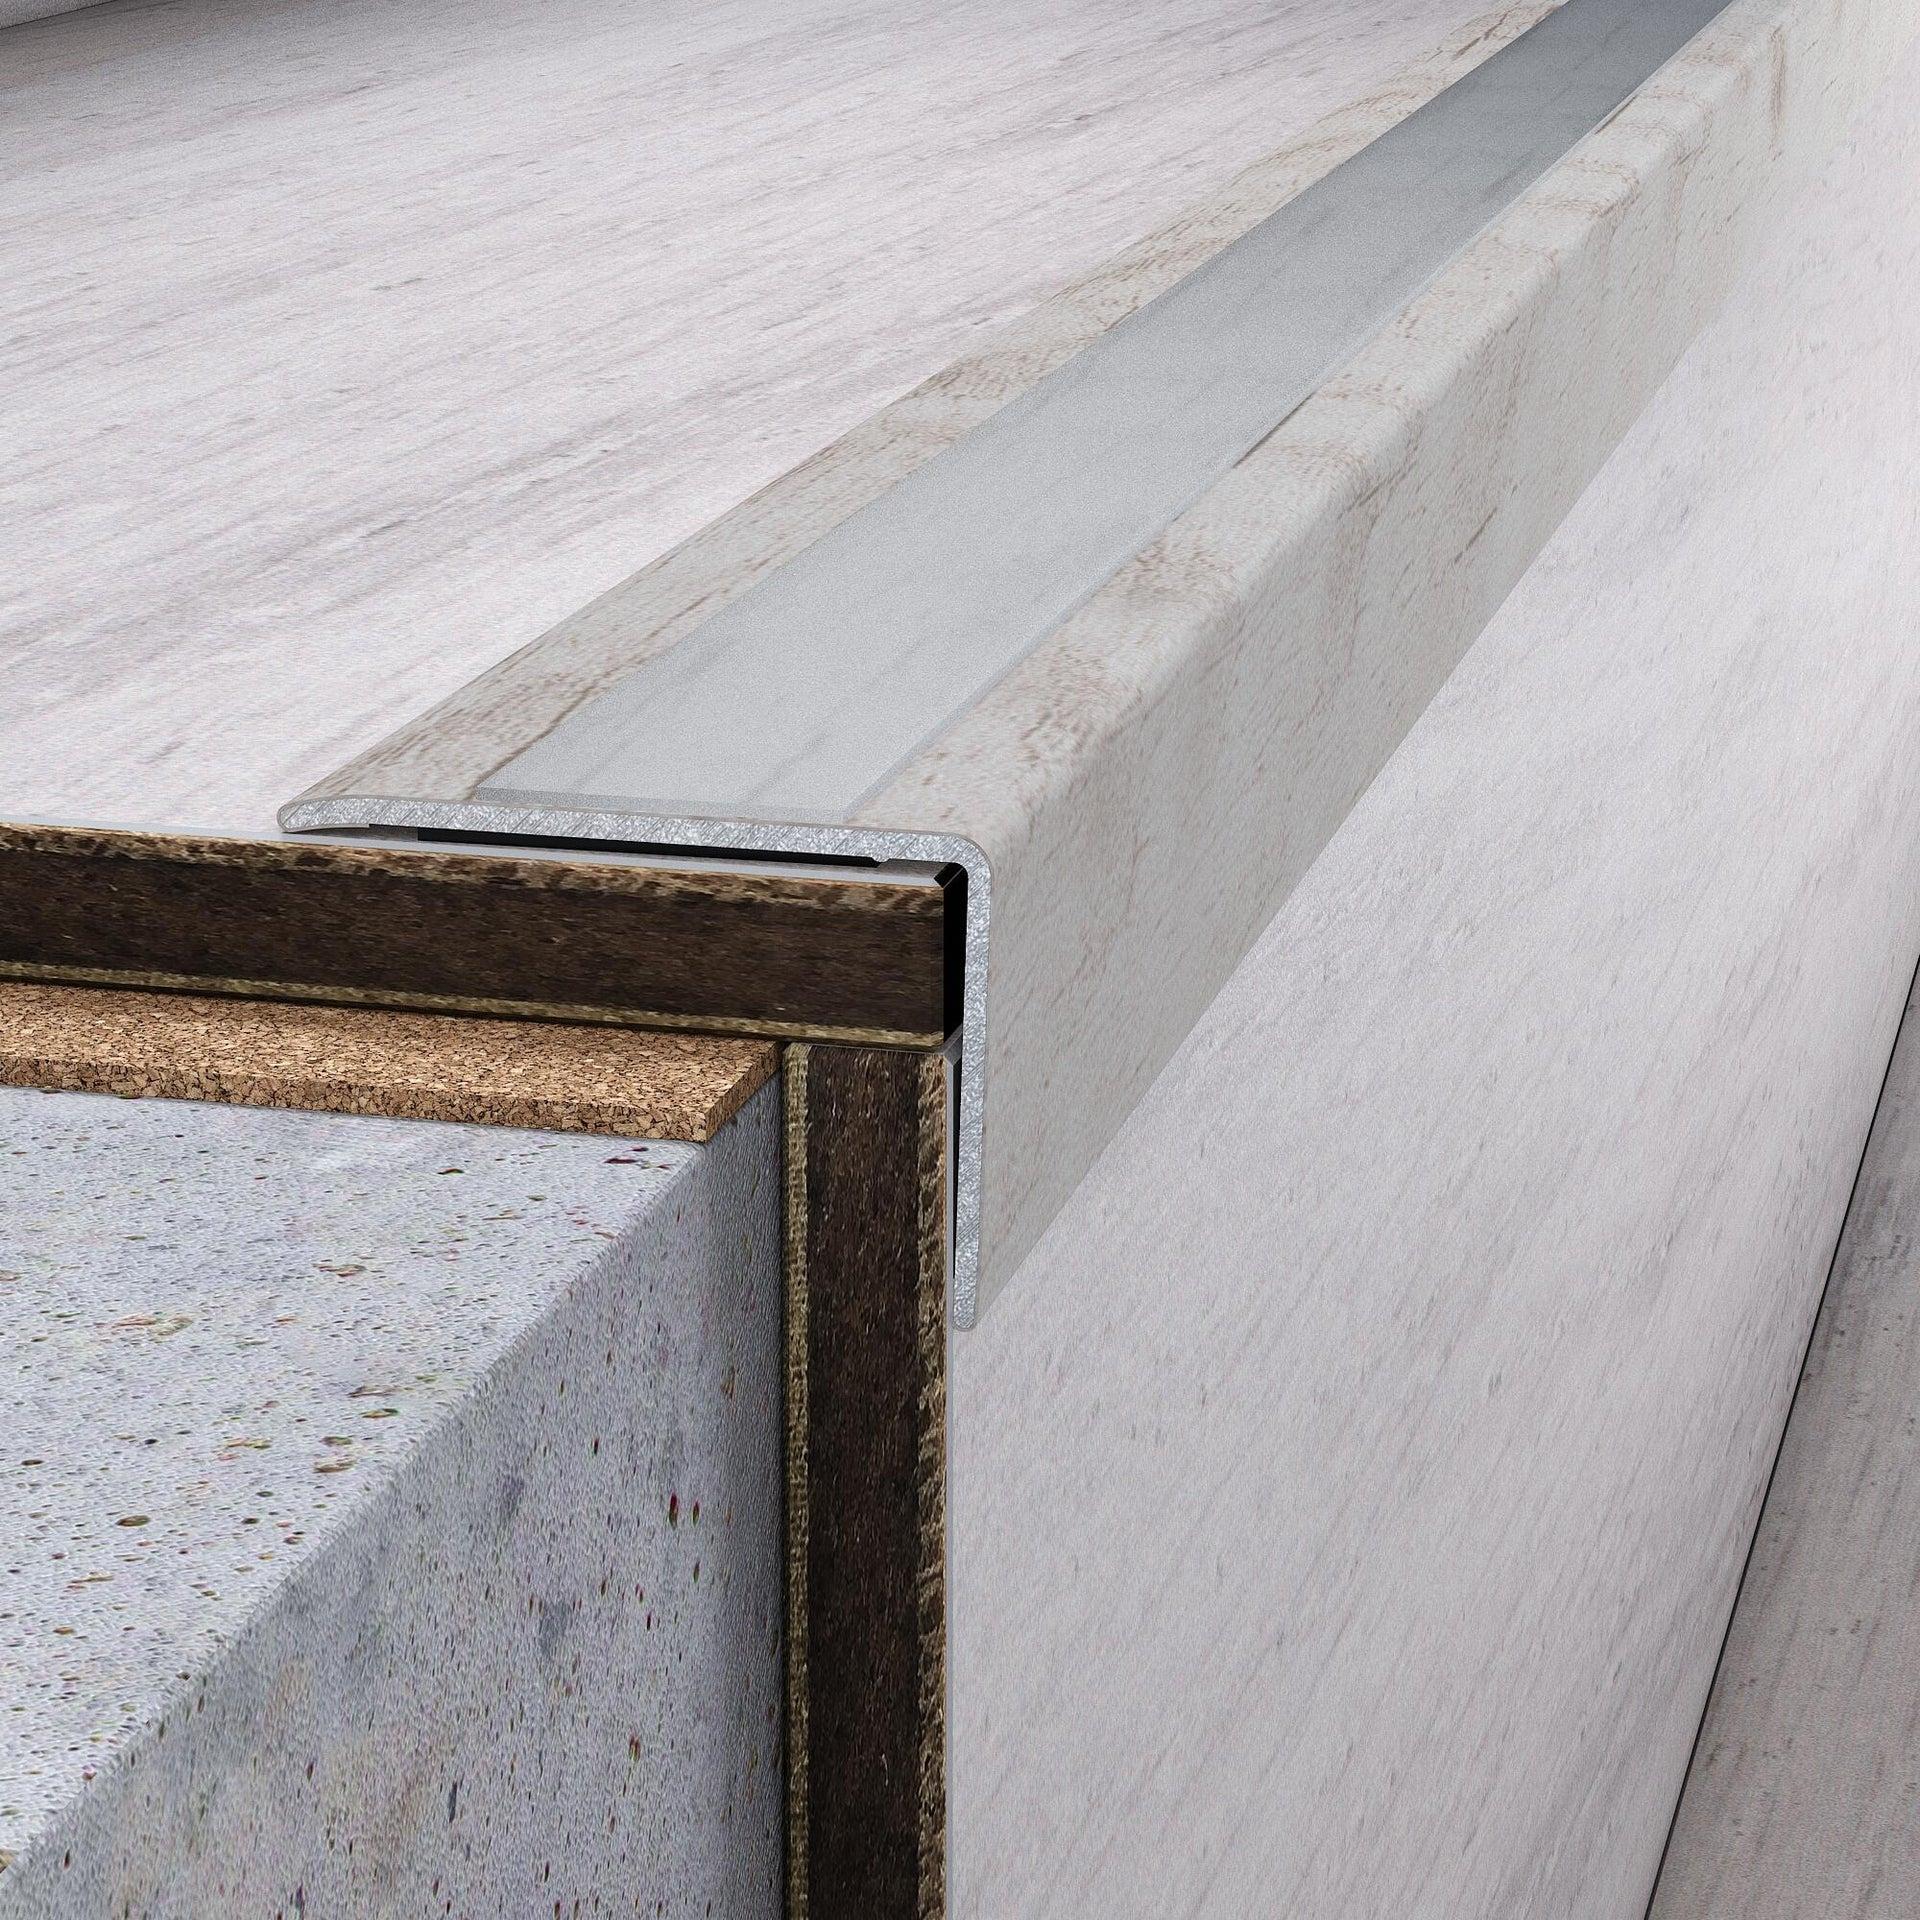 Profilo soglia simple-fix 38 36 mm x 95 cm - 5